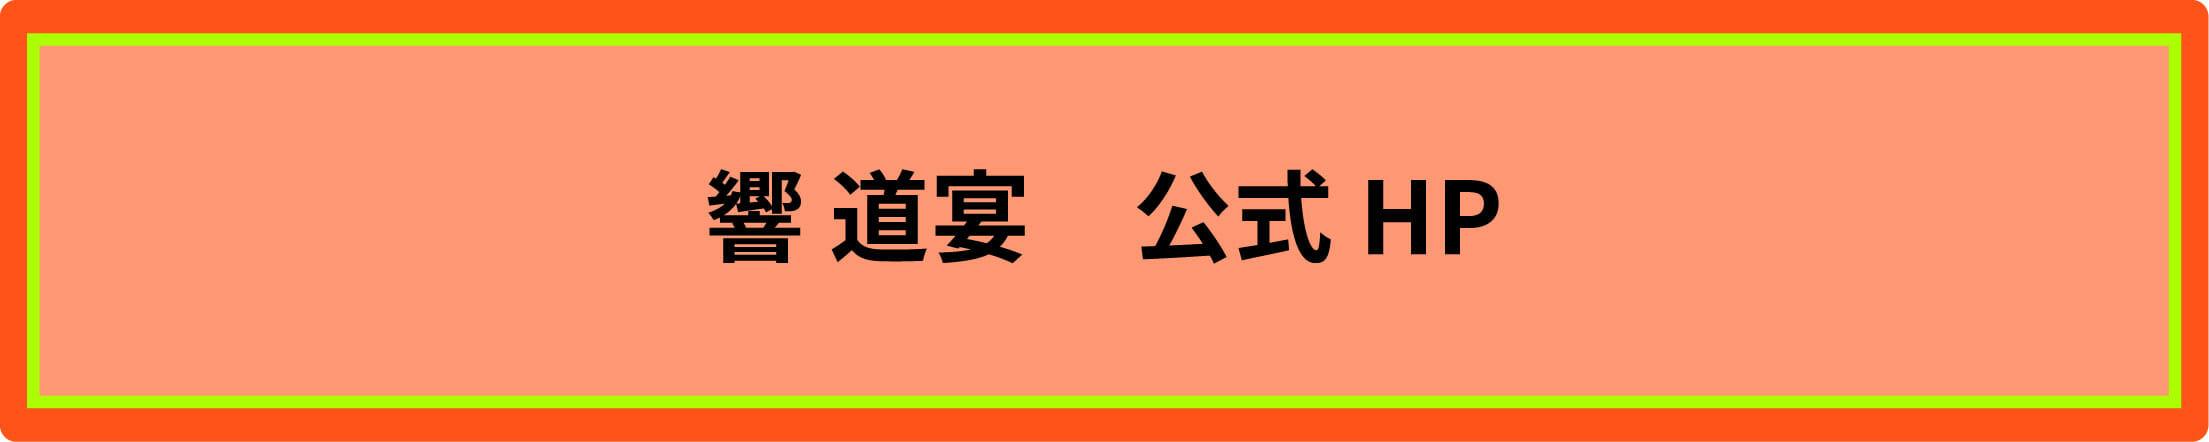 響道宴公式ホームページ